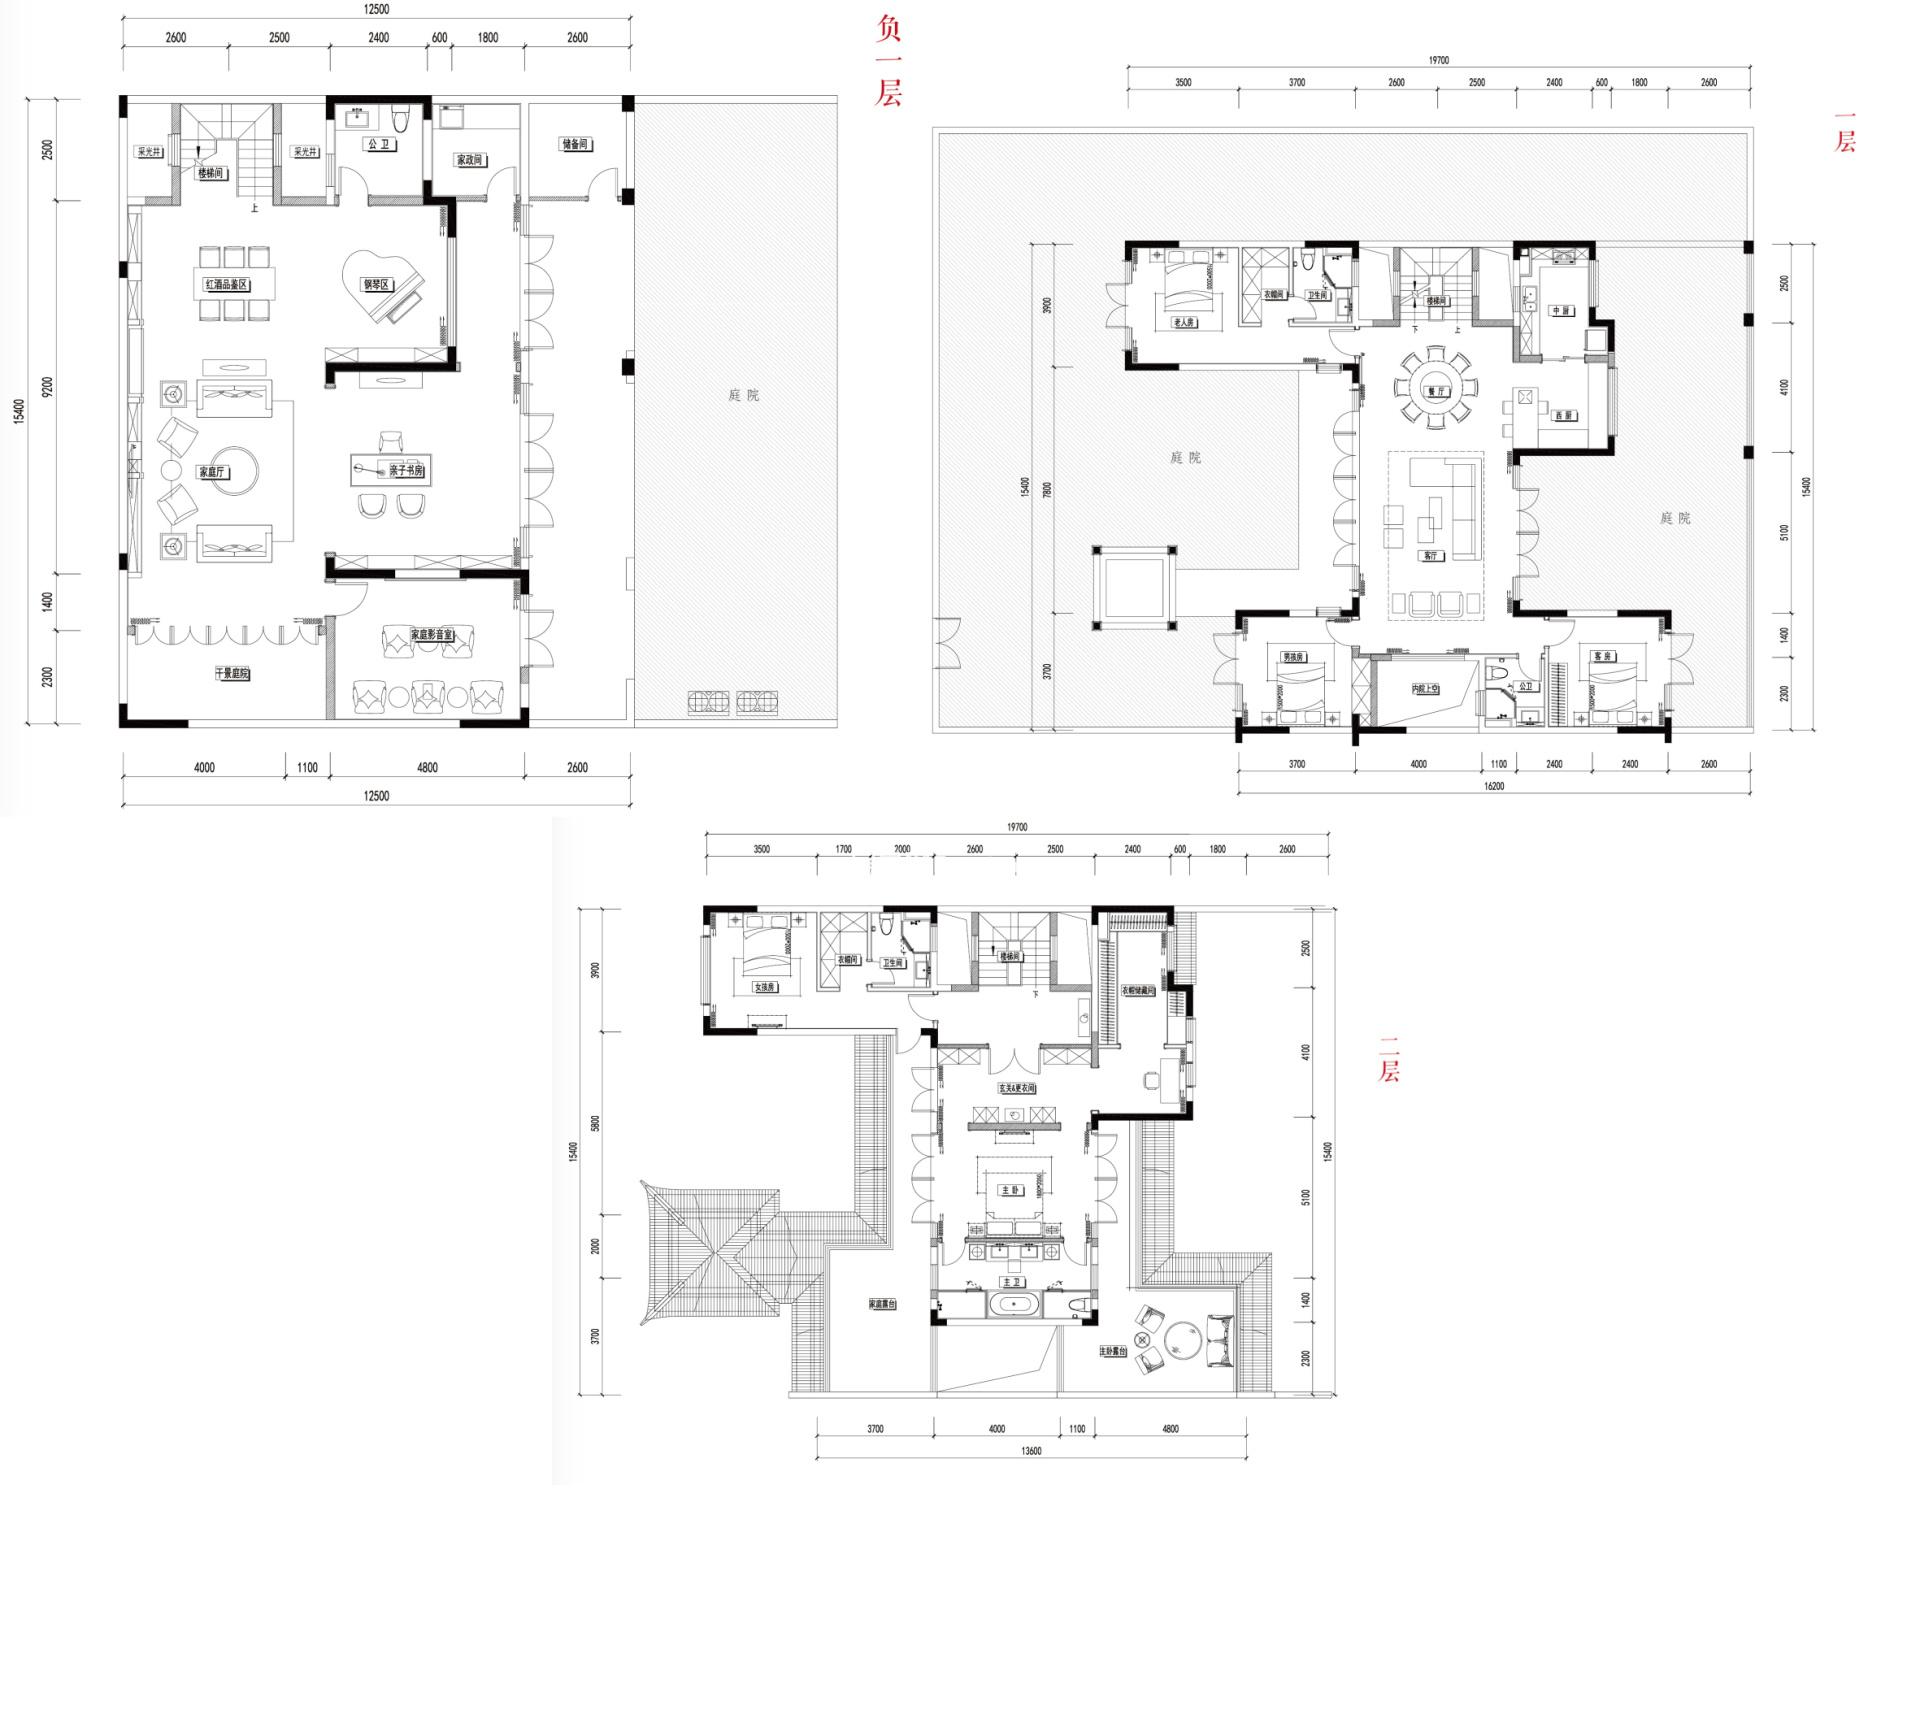 别墅D1 5室3厅5卫1厨建面450㎡